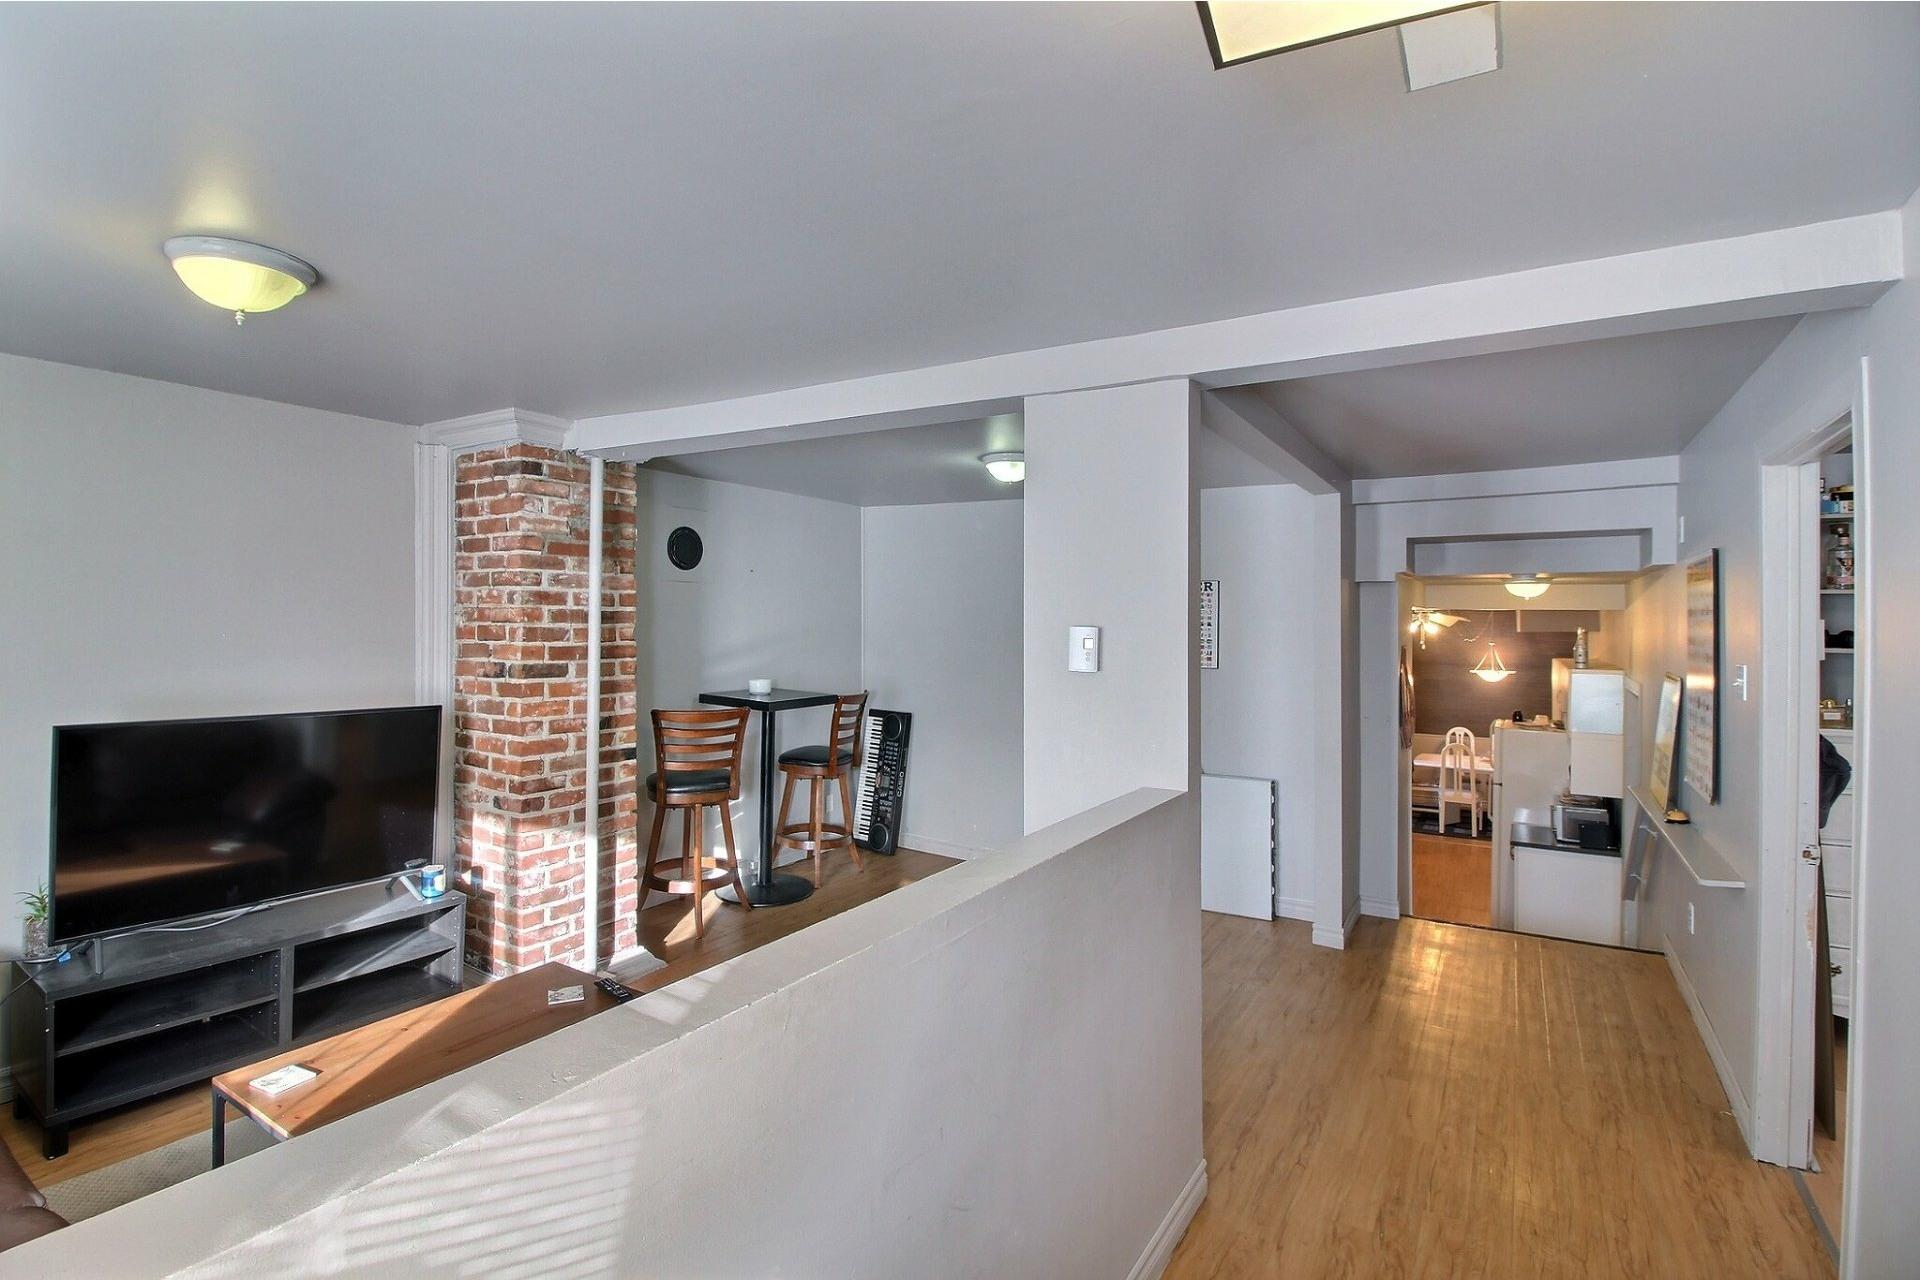 image 4 - Duplex À vendre Fleurimont Sherbrooke  - 4 pièces